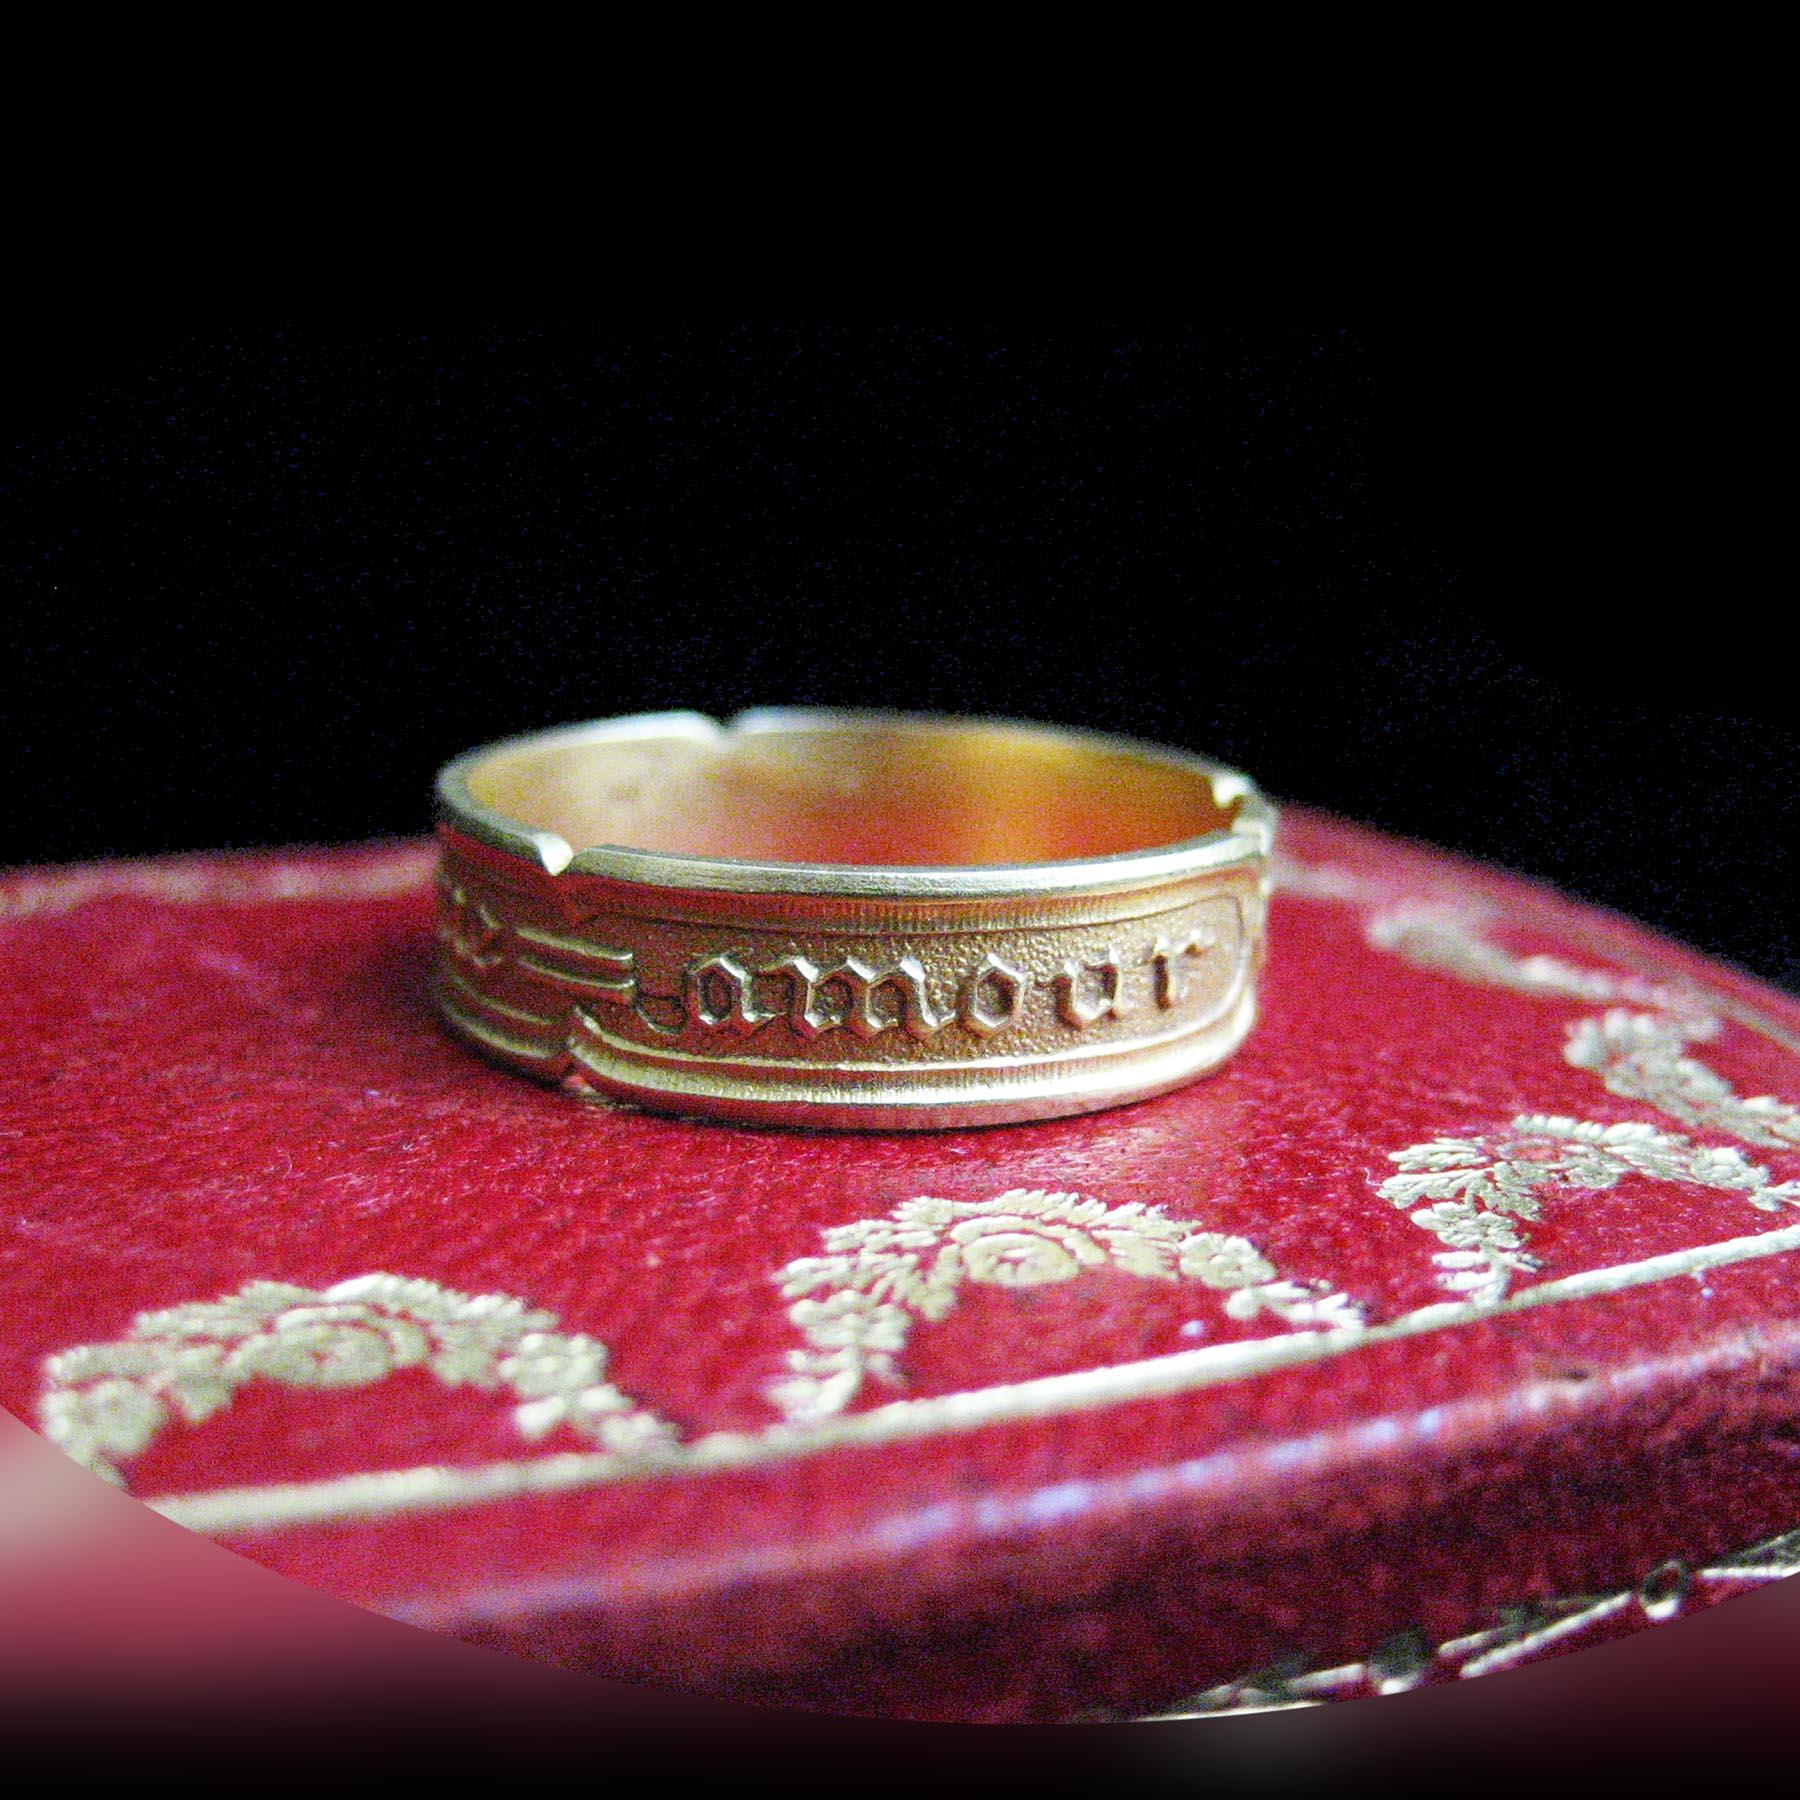 18金製彫金の指輪 フランスアンティークジュエリー